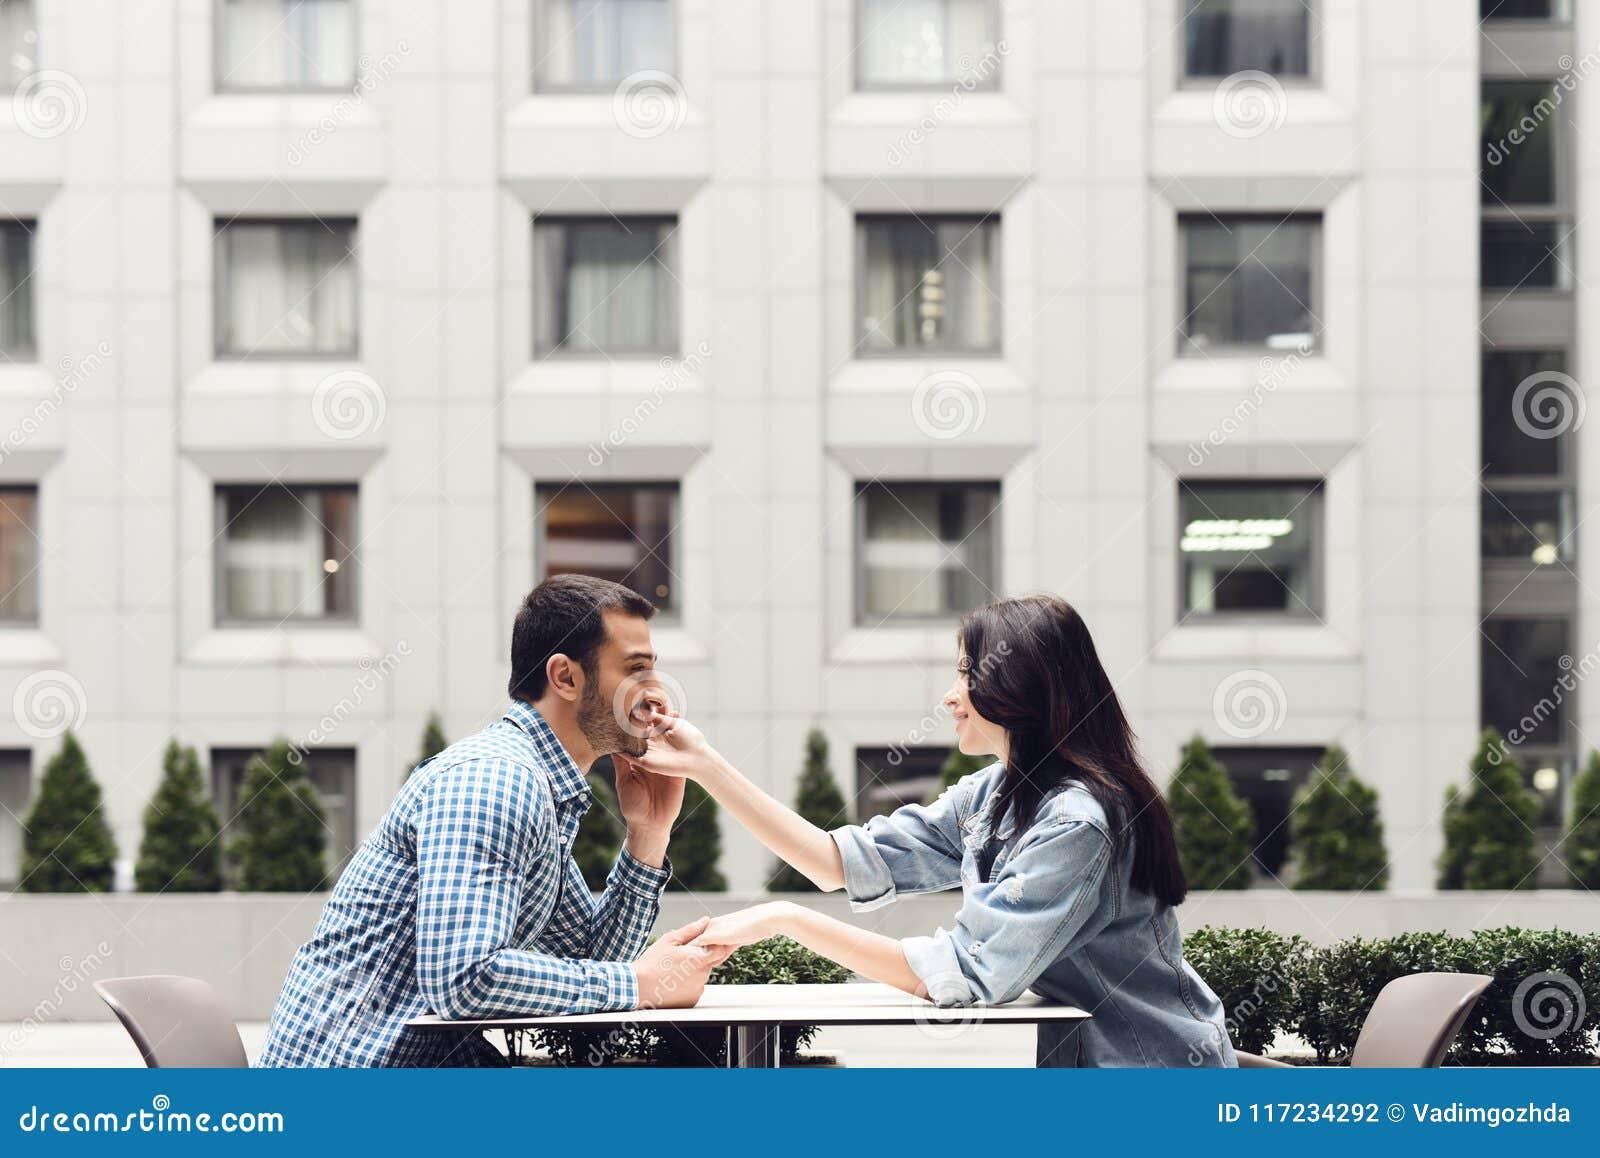 Zachte nadruk Romantische paarzitting in koffie